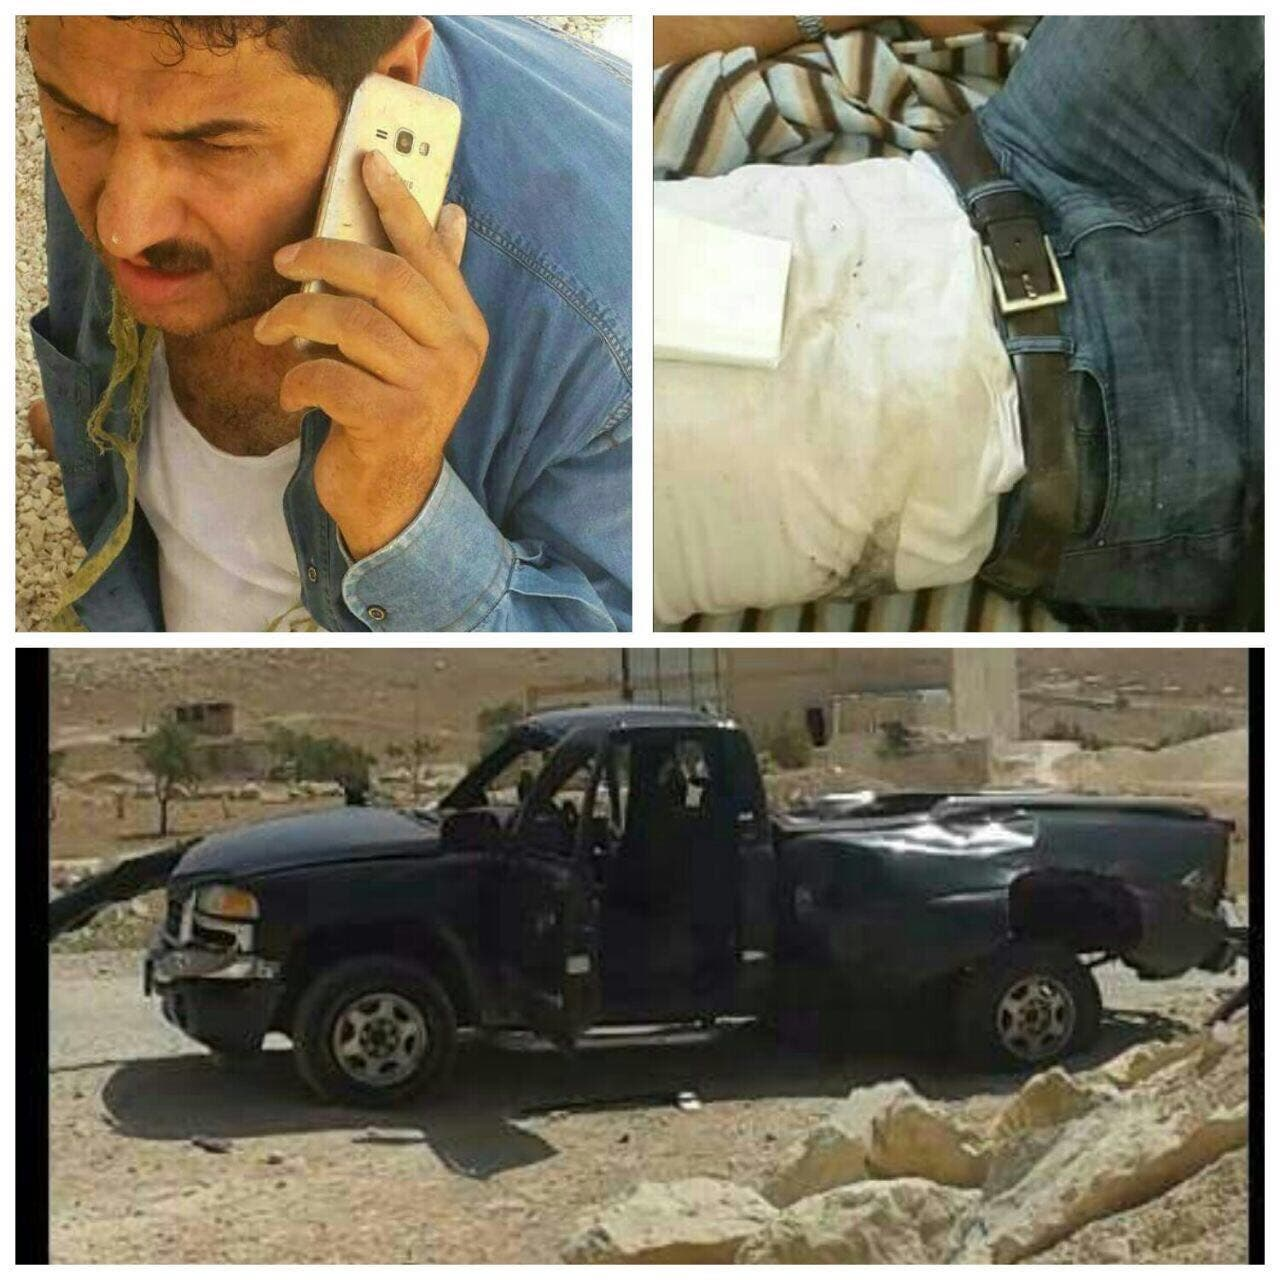 أحمد الفليطی که برای مذاکره رفته بود ولی زخمی شد